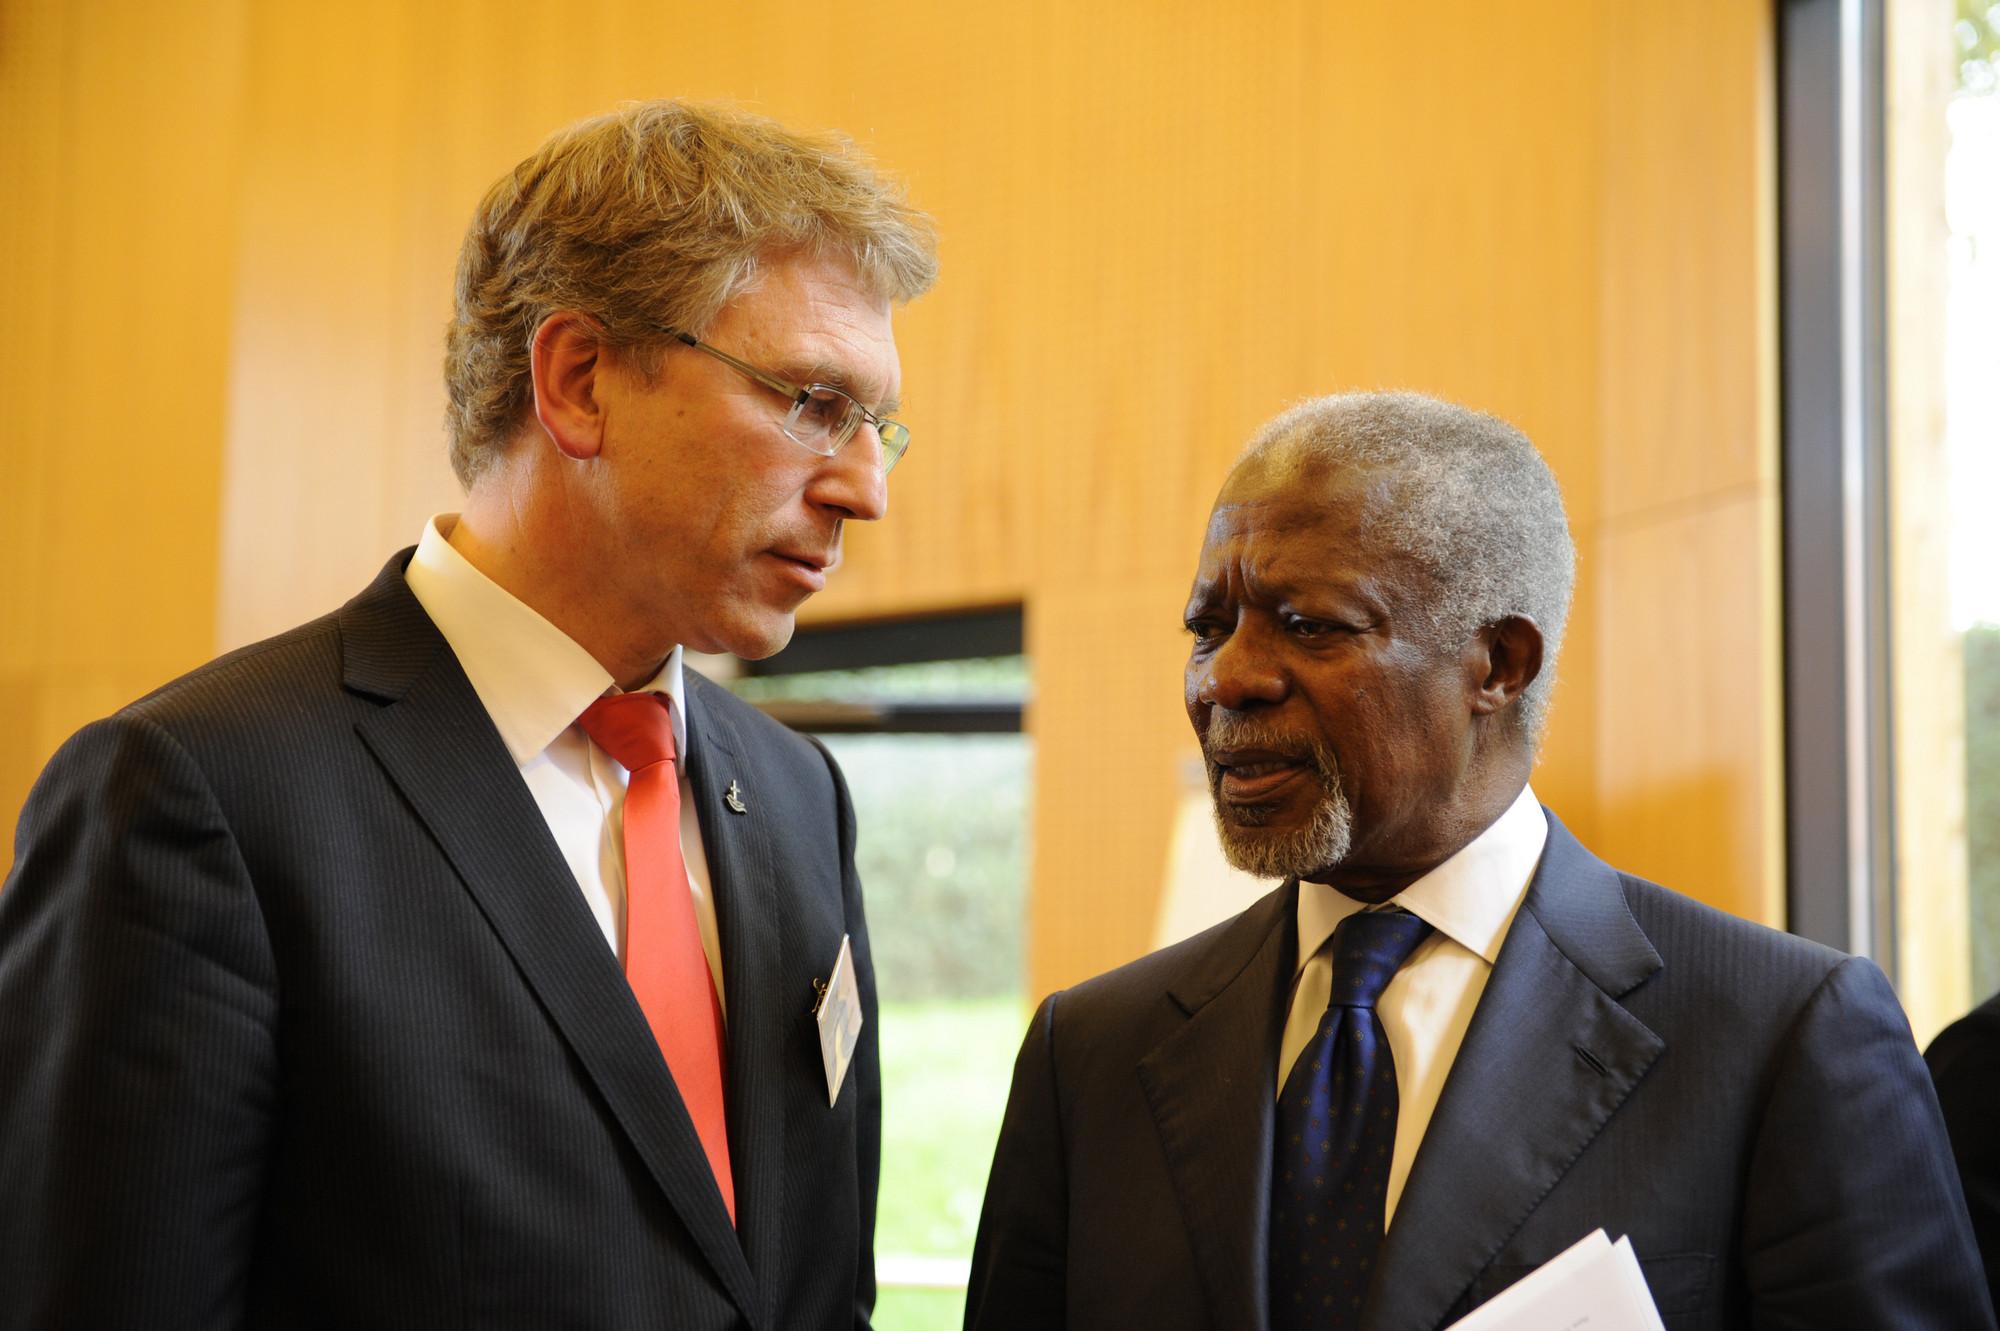 WCC General Secretary Olav Fyske Tveit (left) with former UN Secretary-General Kofi Annan in 2013 (Photo: Peter Williams/WCC)